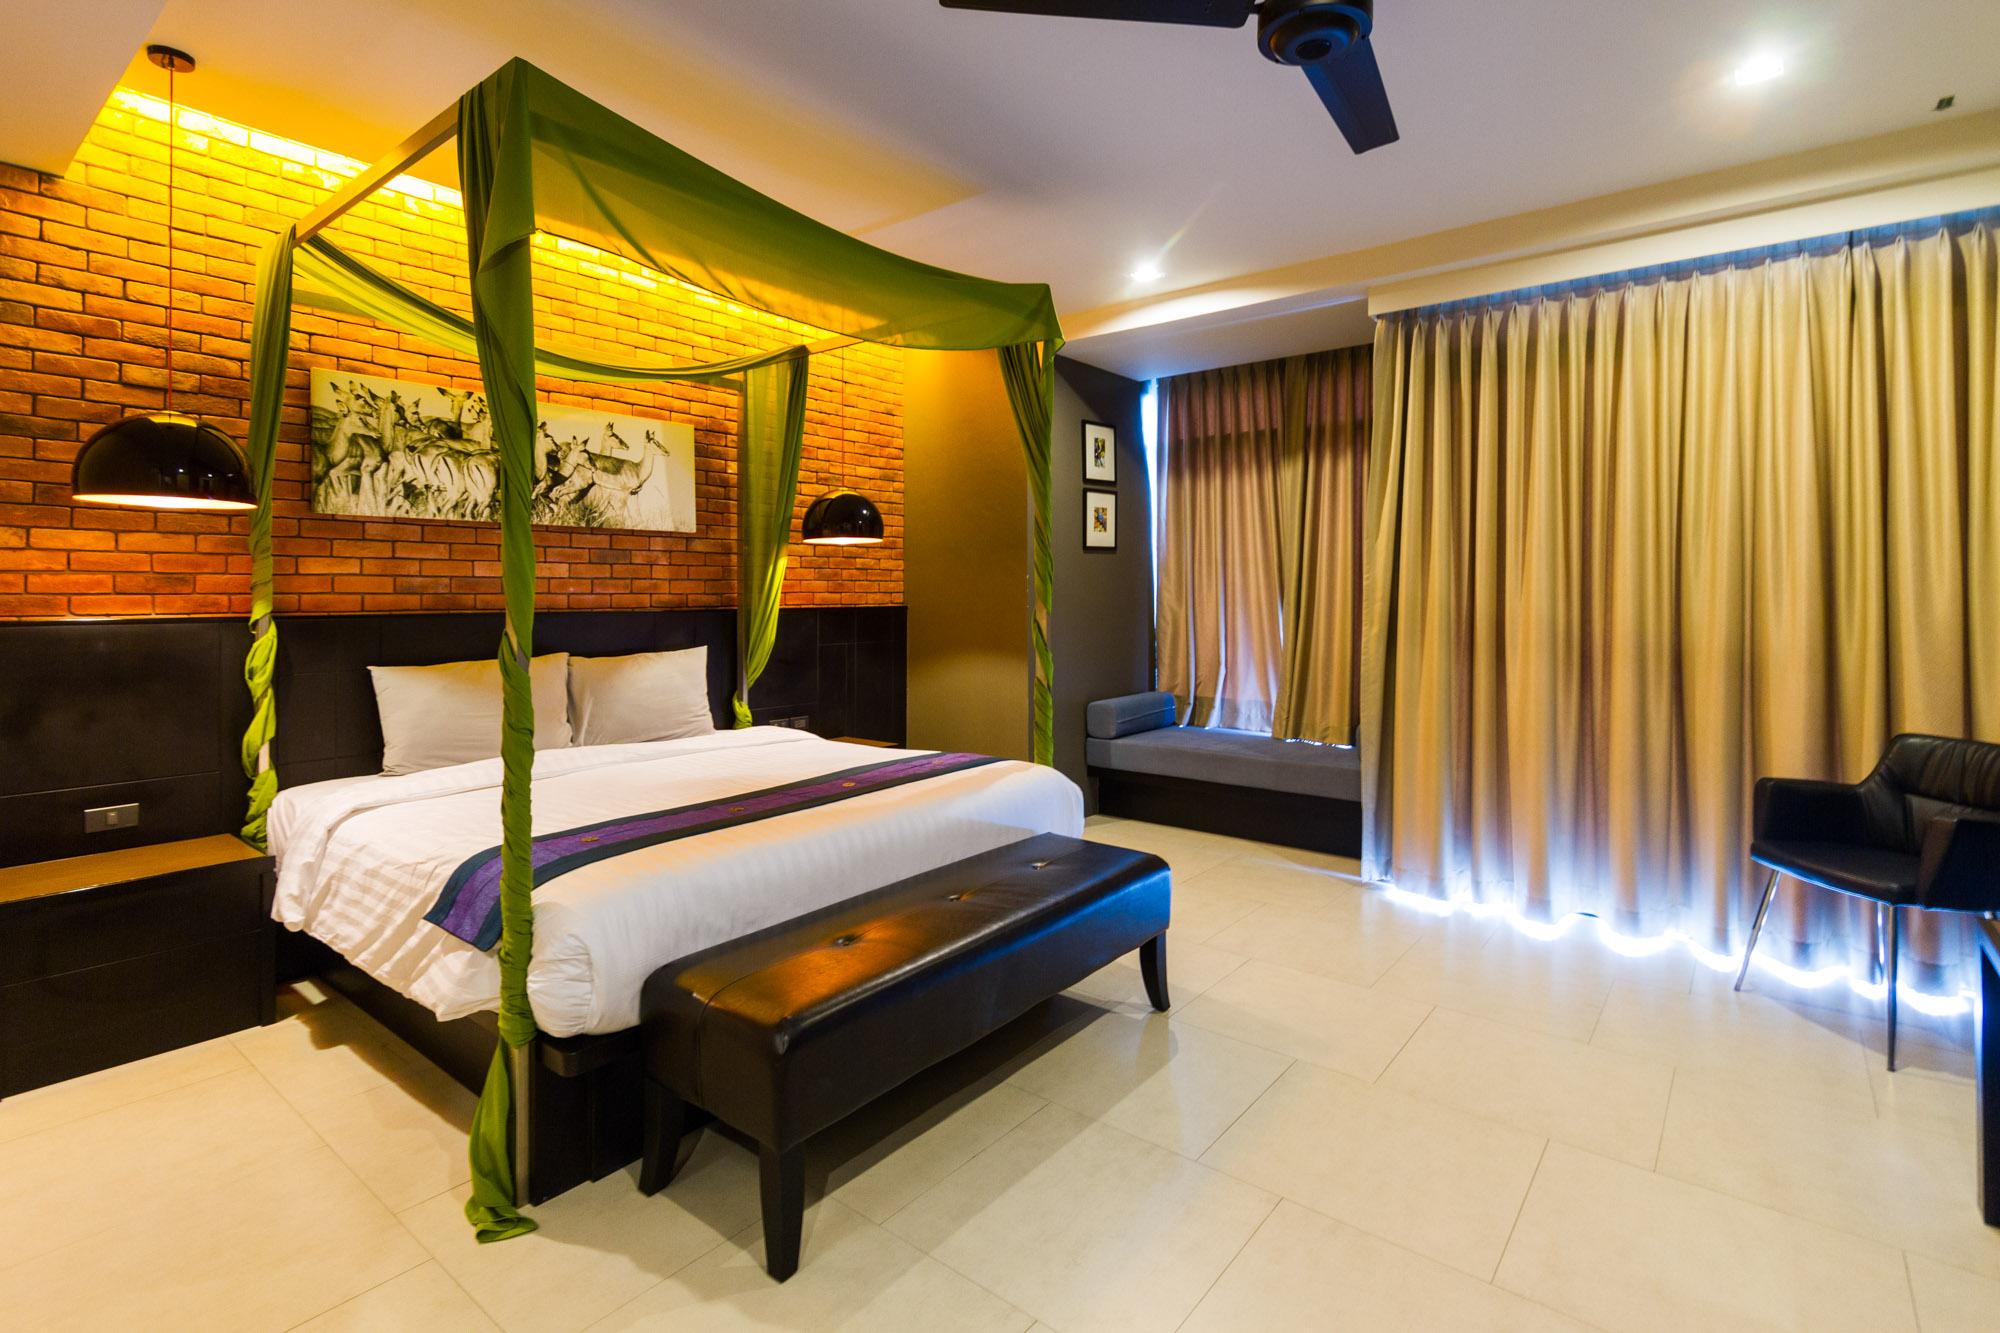 The Tama Hotel Krabi เดอะ ตะมะ โฮเทล  Tama Hotel Krabi เดอะ ตะมะ โฮเทล อ่าวน้ำเมา กระบี่ IMG 0073